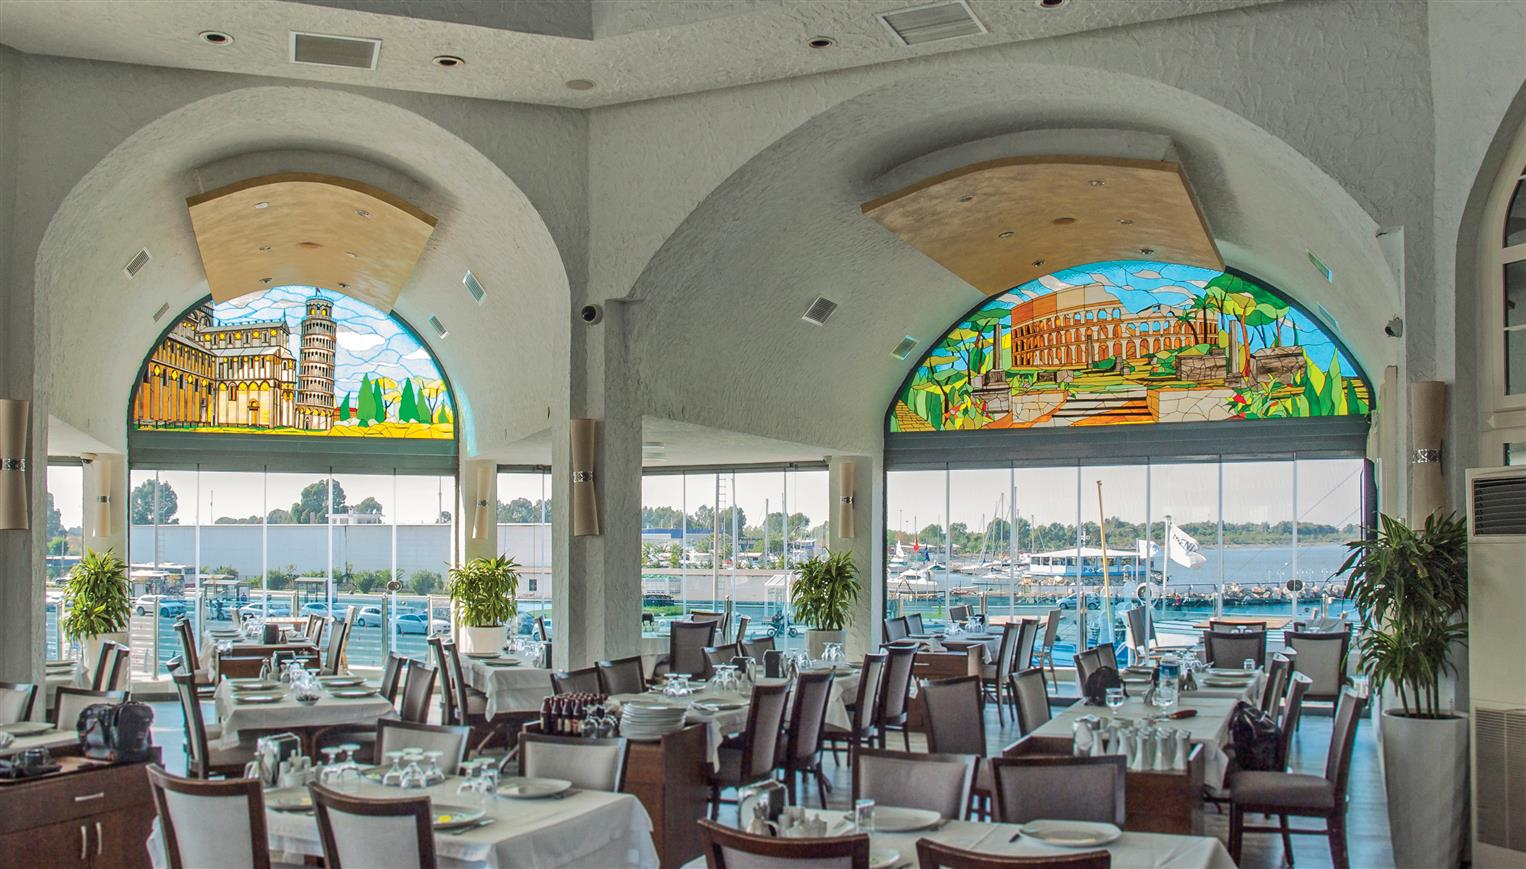 bogazici-restaurant-uckuyular20171222205636703.jpg izmir vitray çalışması